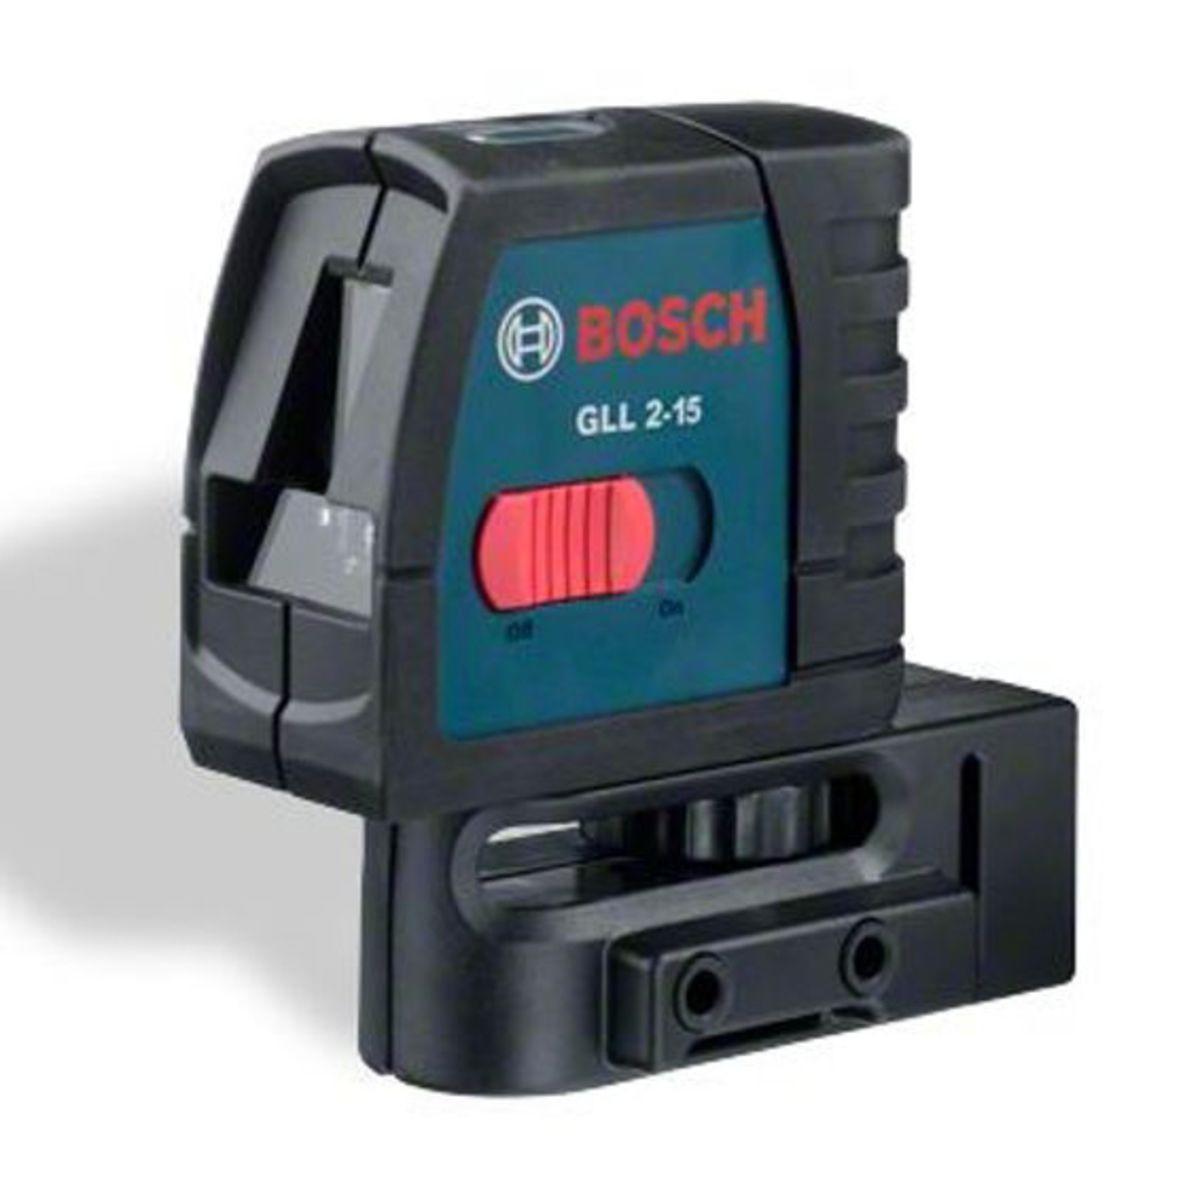 Нивелир лазерный BOSCH GLL 2-15 Prof + держатель + чехол (0 601 063 701)